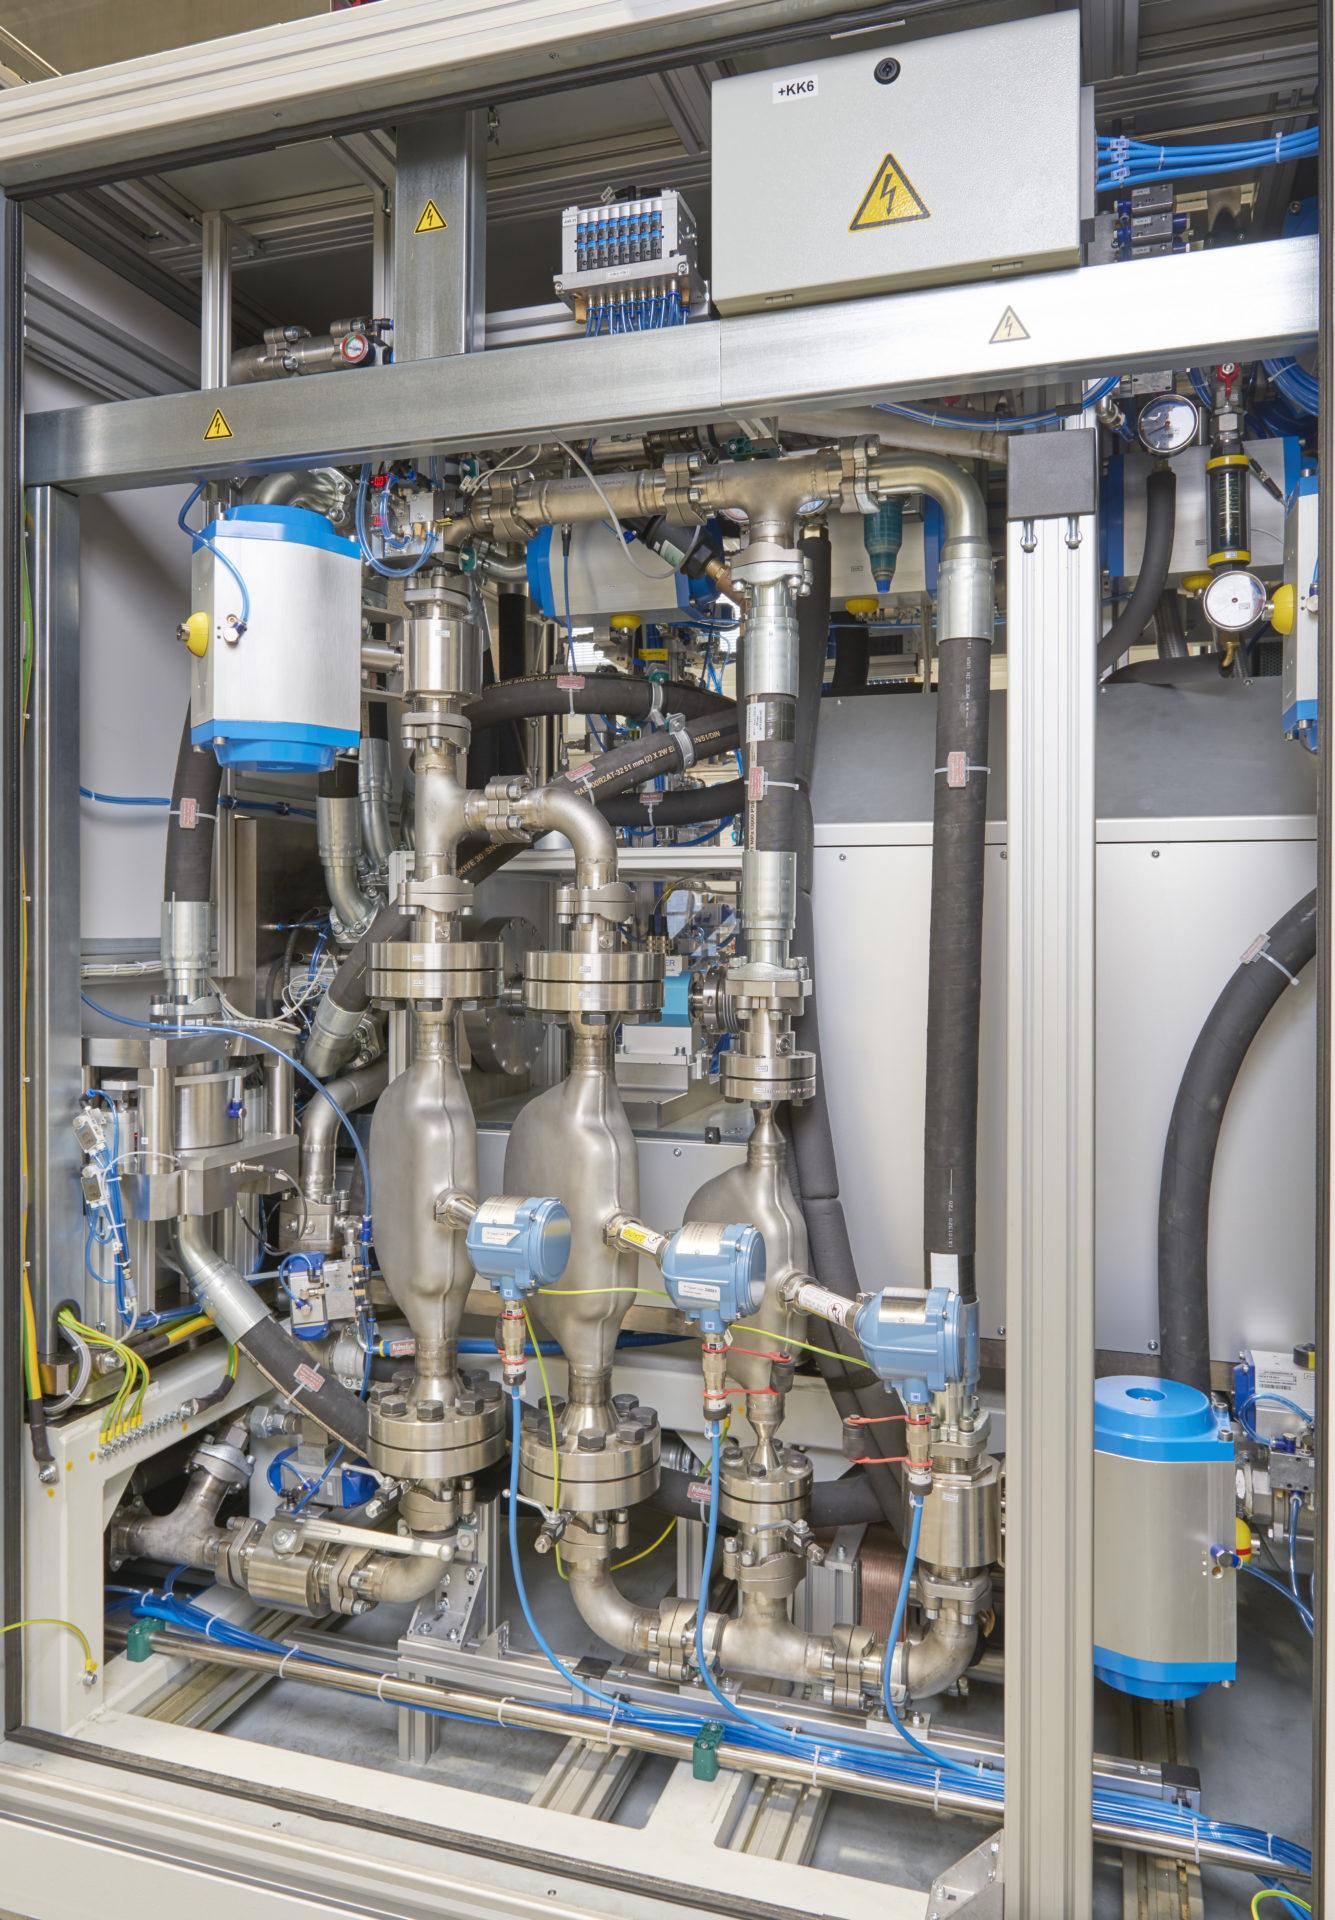 Main Fuel Pump Prüfstand Test stand